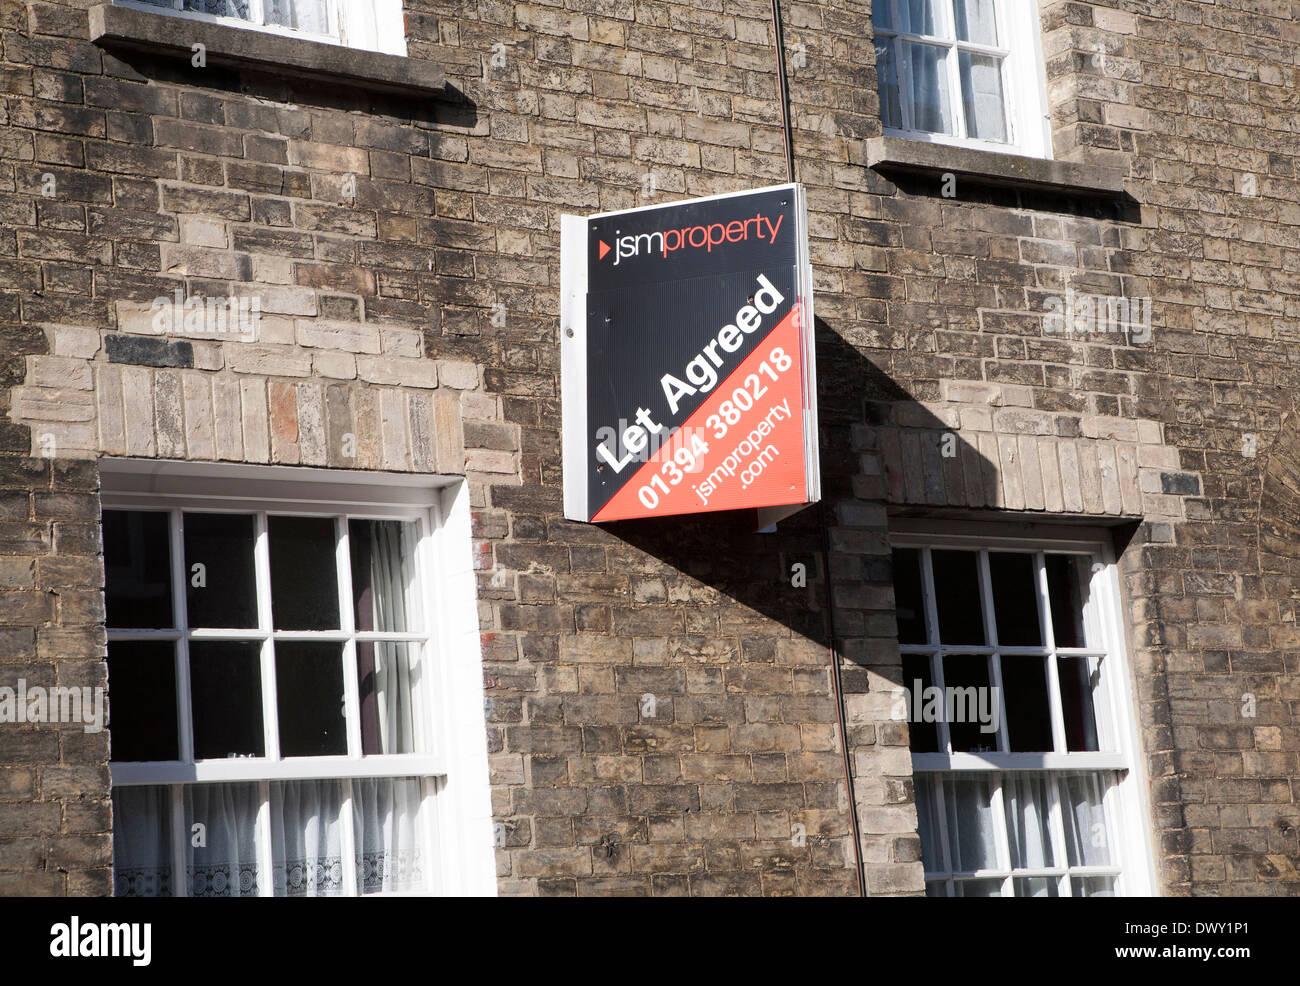 JSM Property Let Agreed estate agents sign on building, Woodbridge, Suffolk, England - Stock Image